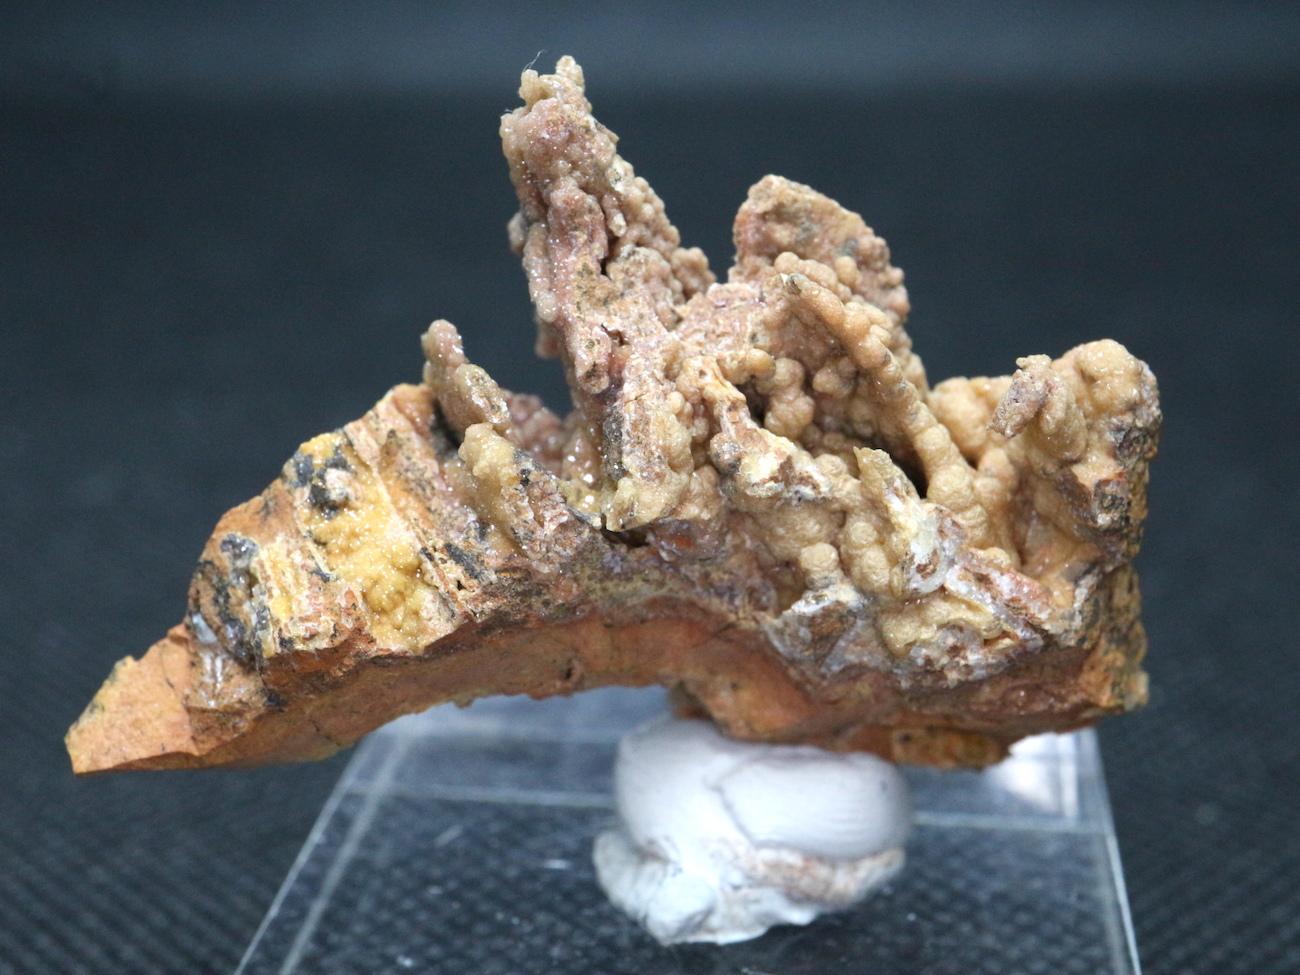 アメリカ産スミソナイト 菱亜鉛鉱 原石 ドゥルージー 23,5g SN012 鉱物 天然石 パワーストーン